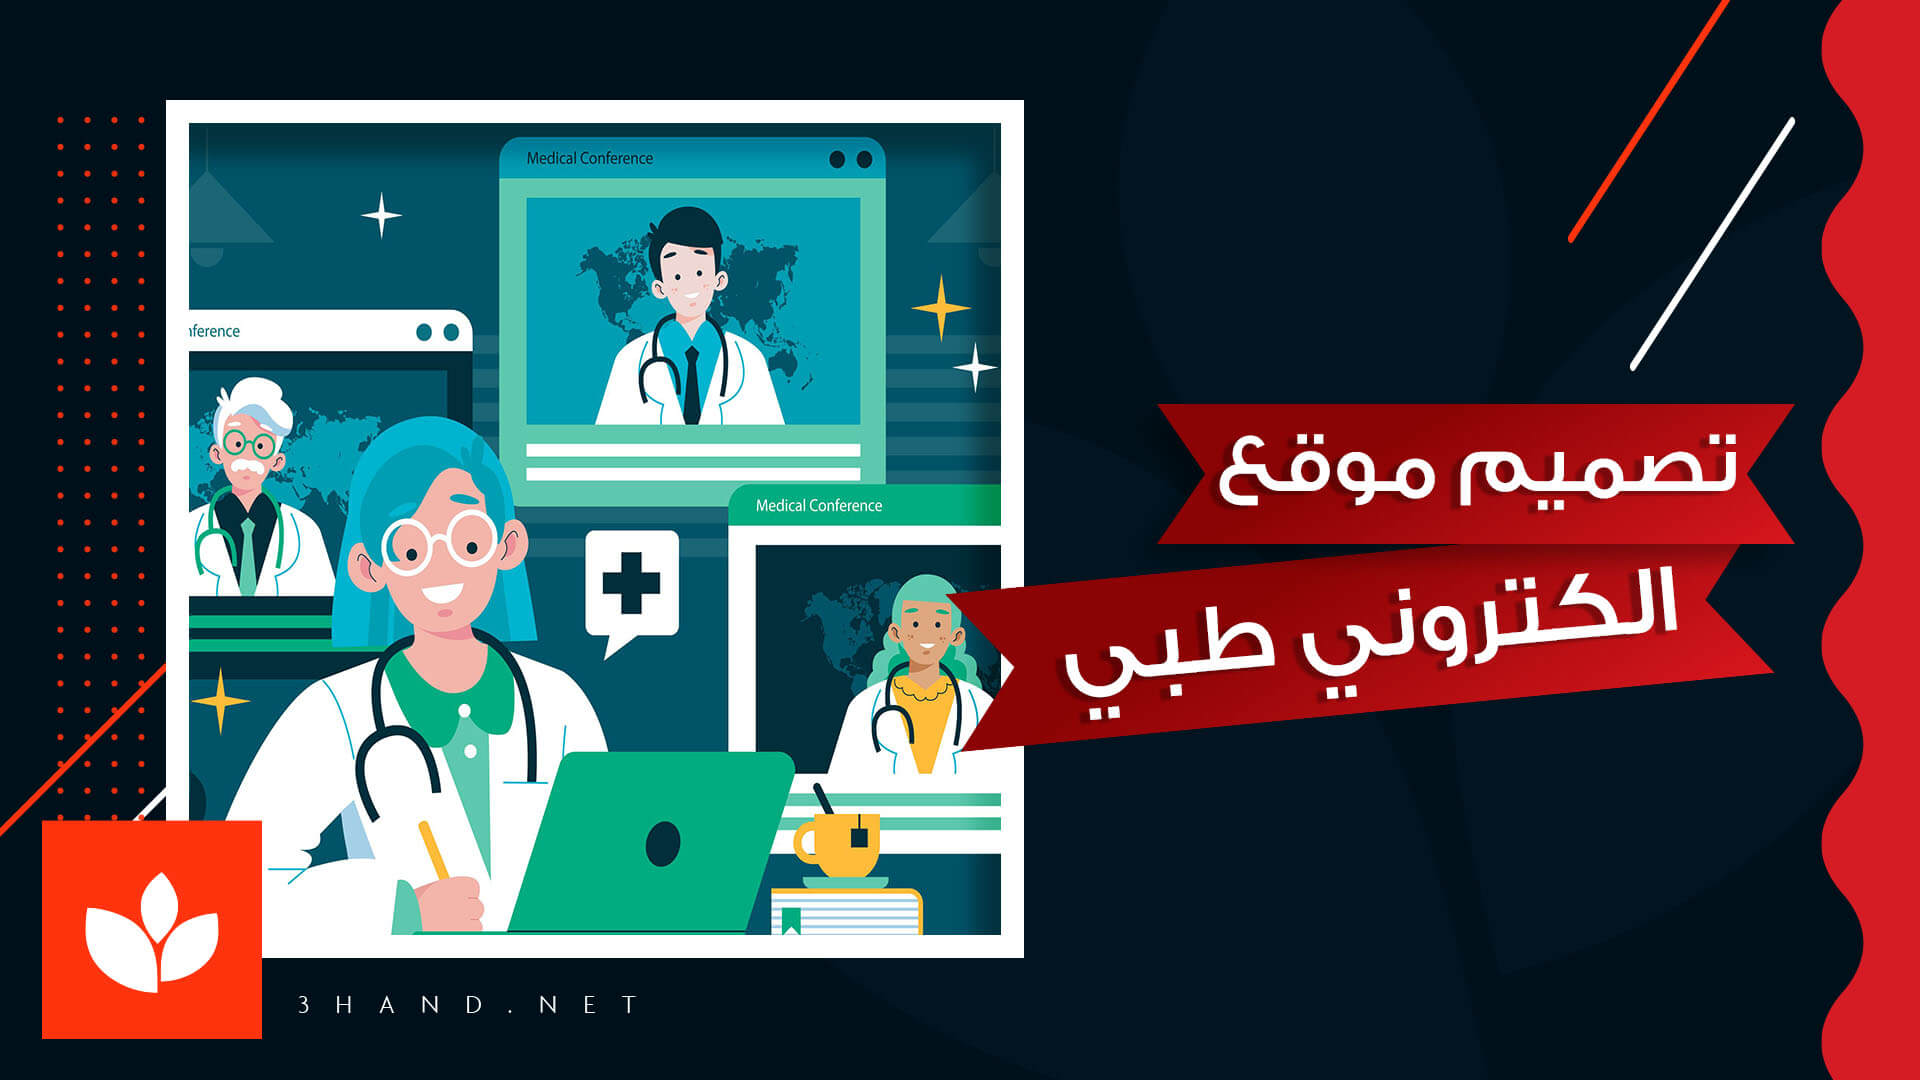 تصميم موقع الكتروني طبي